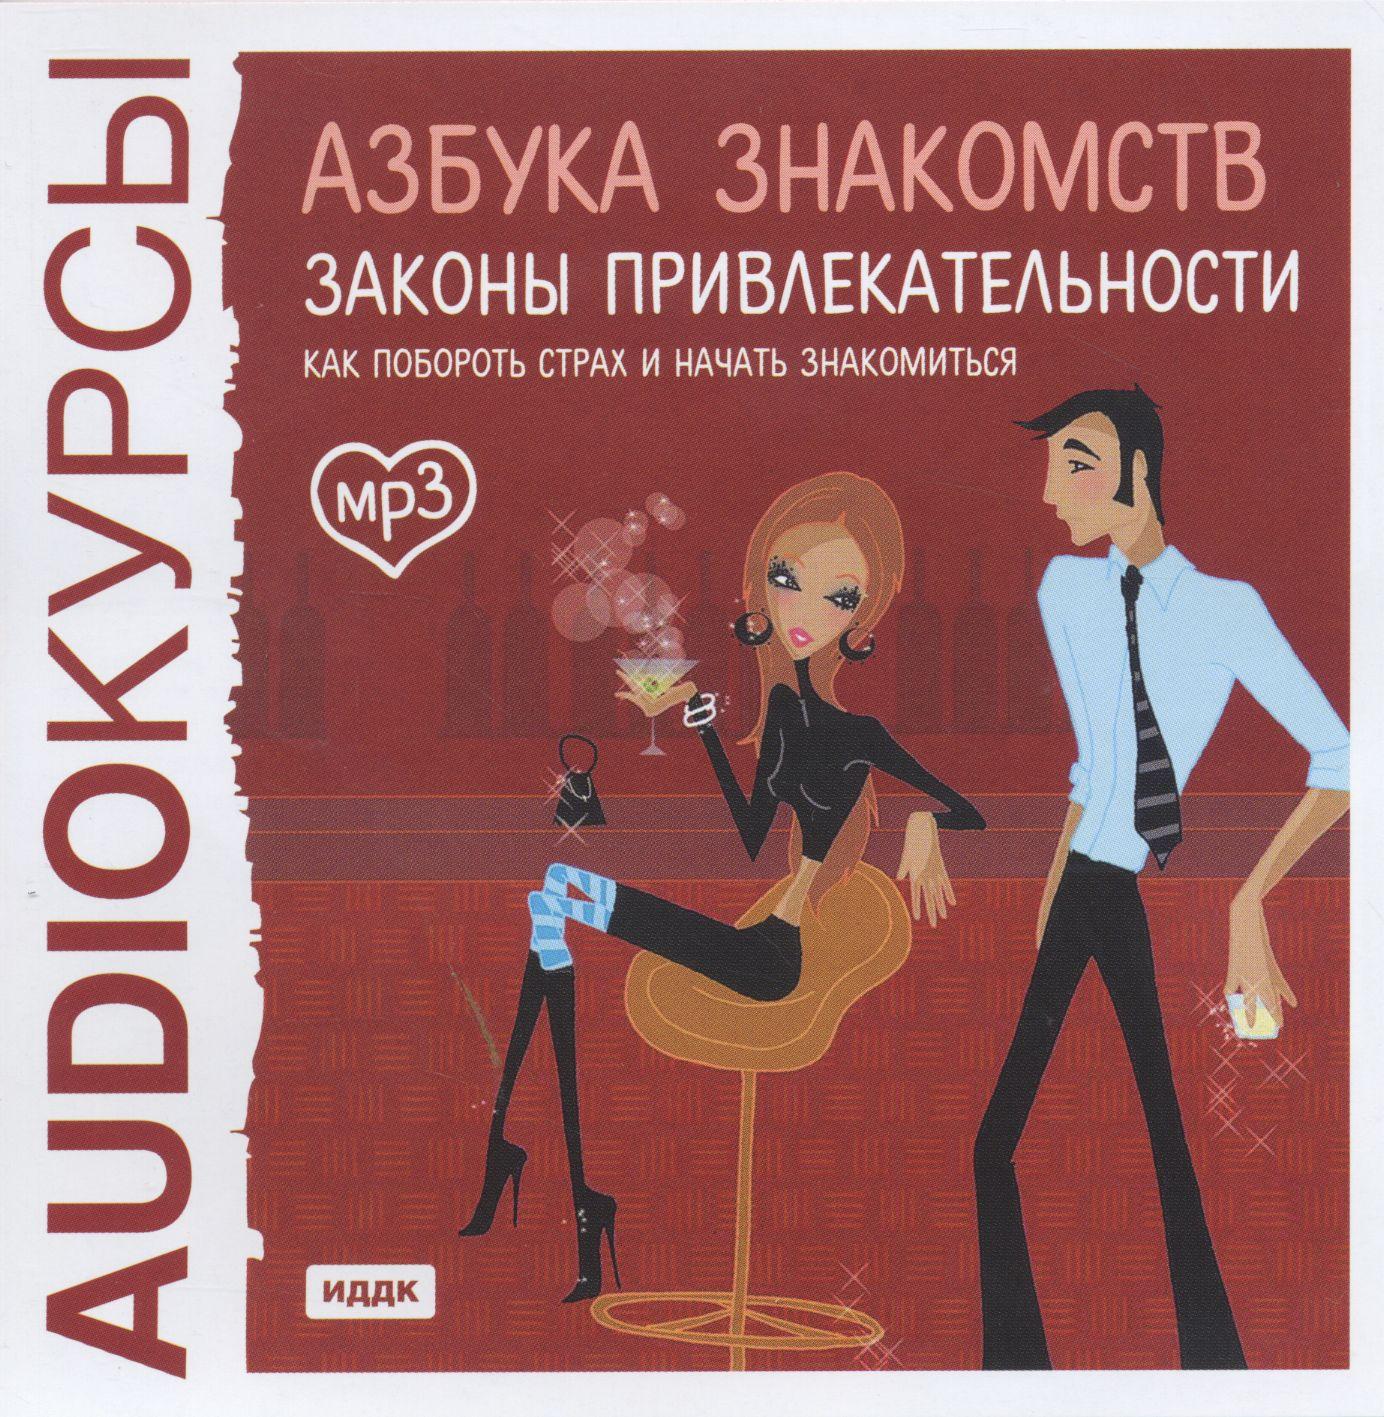 действии знакомств ром наталья азбука аудиокнига в